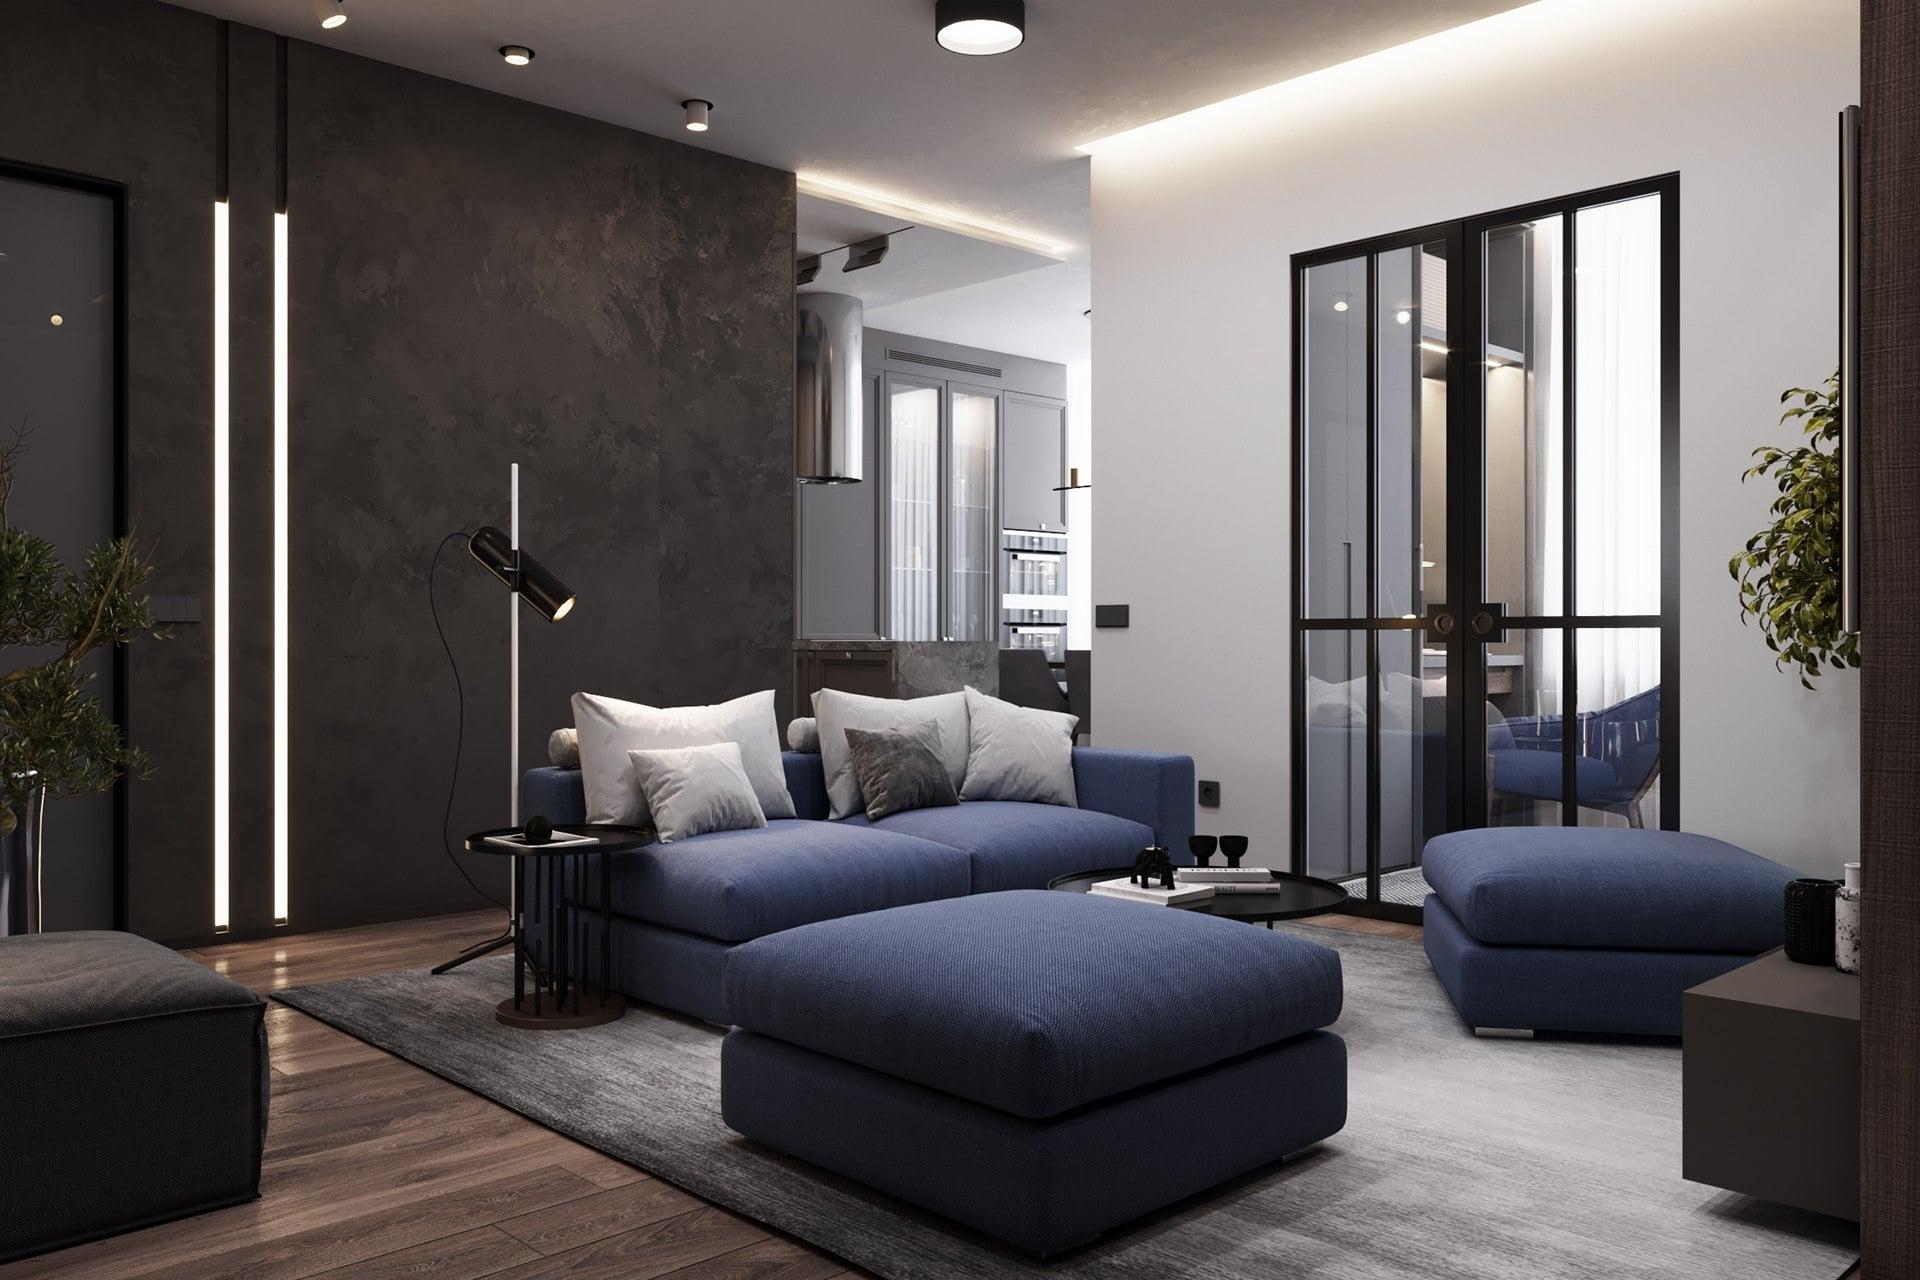 Как рассчитать освещение в квартире